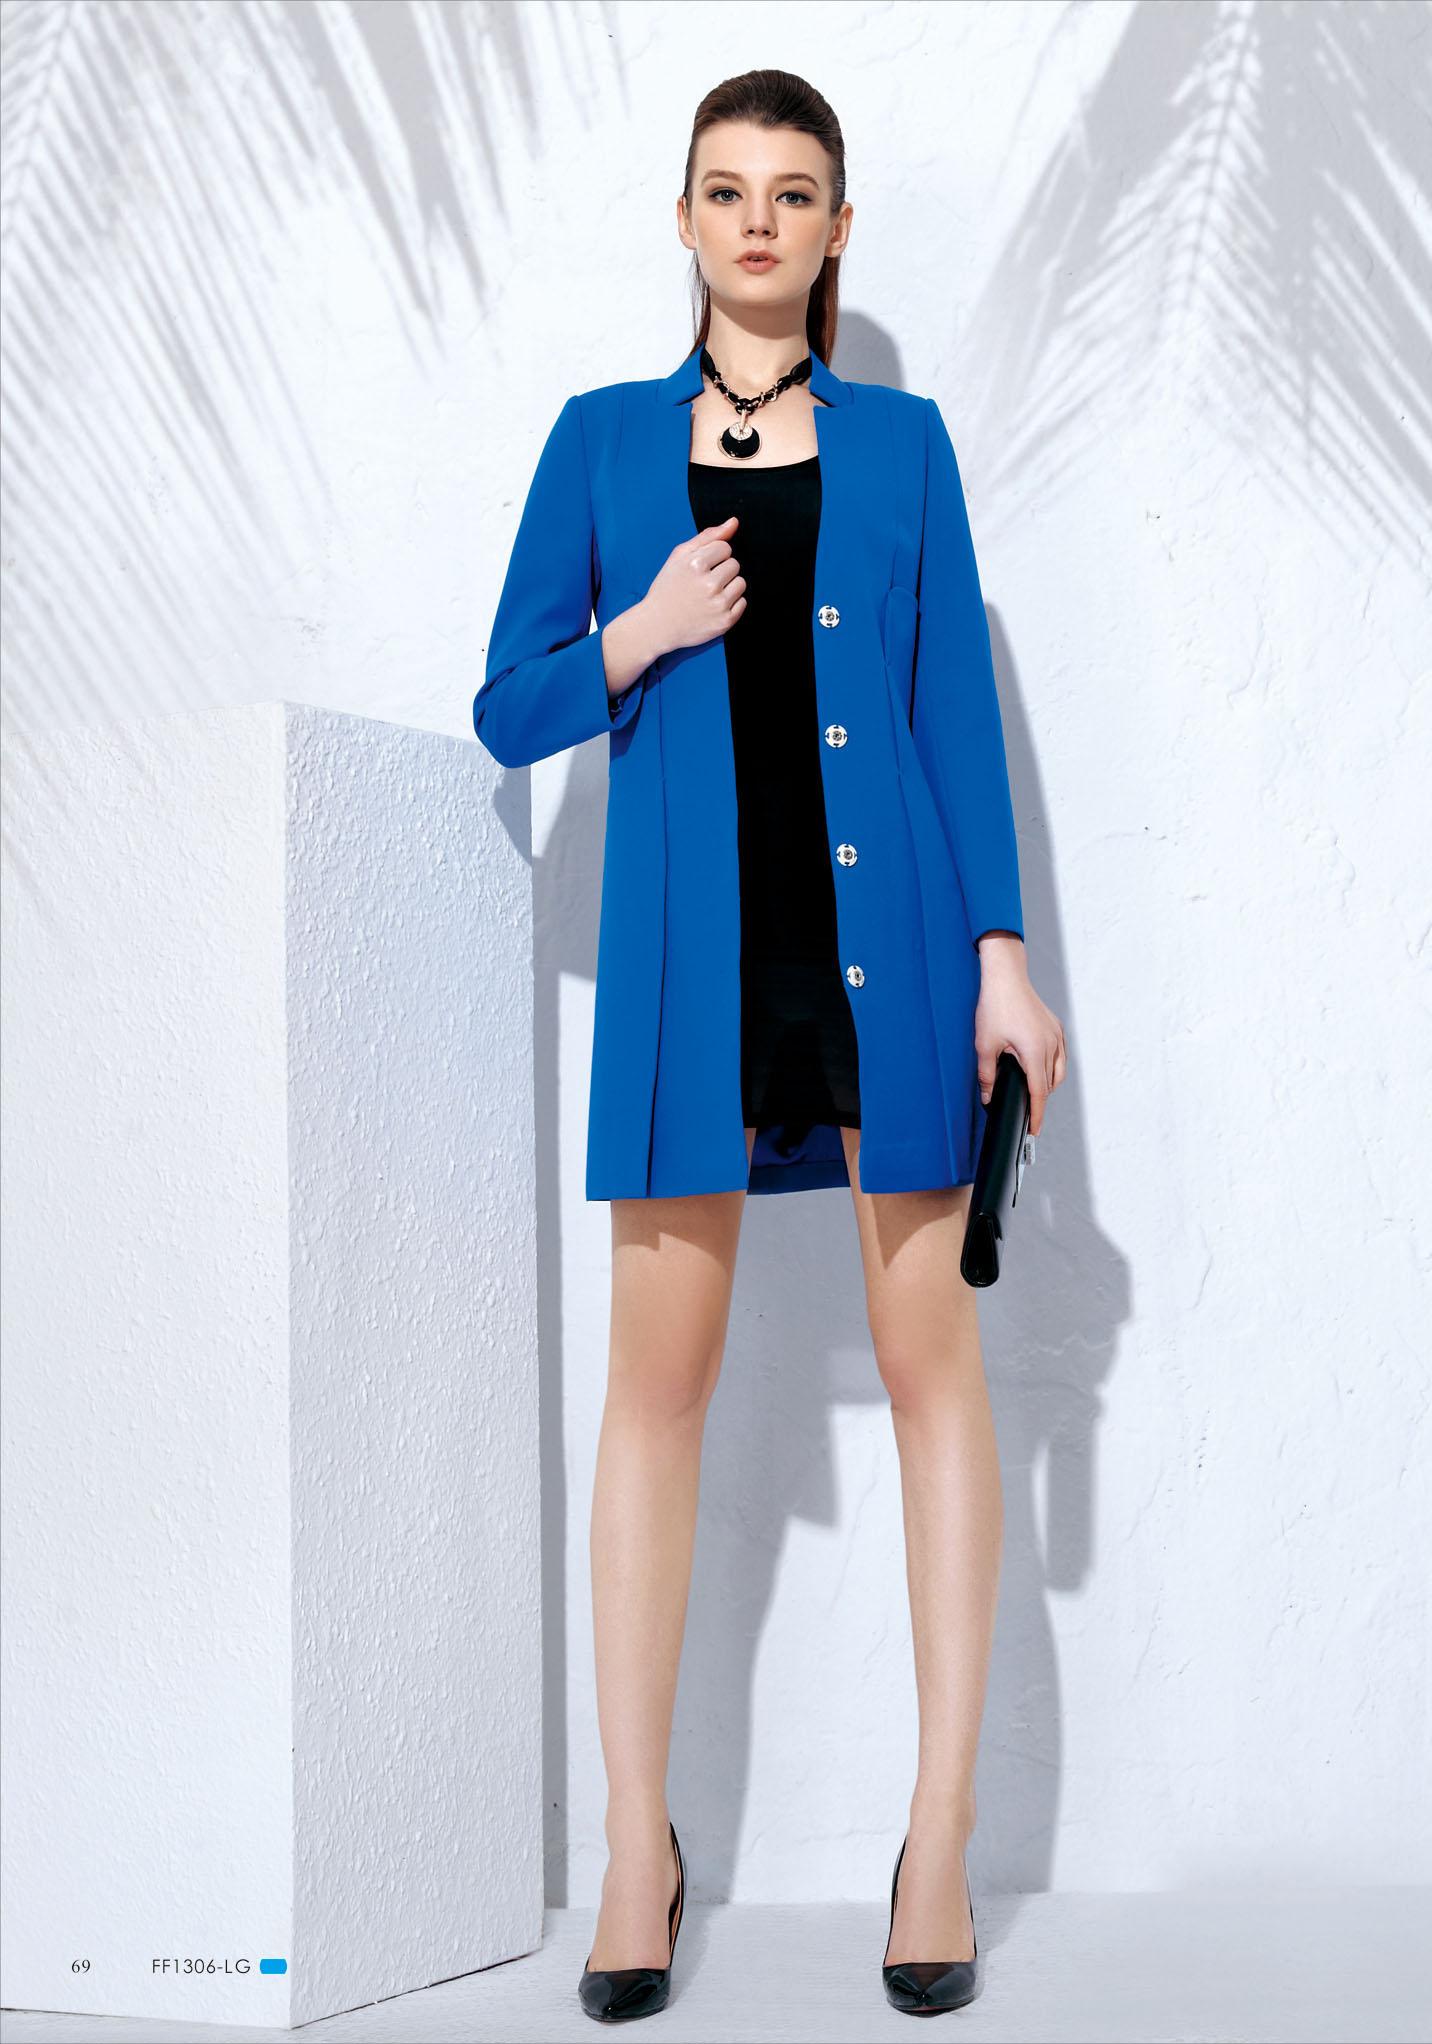 【古姿语】女装造就了浪漫主义的品牌风格,诚邀加盟